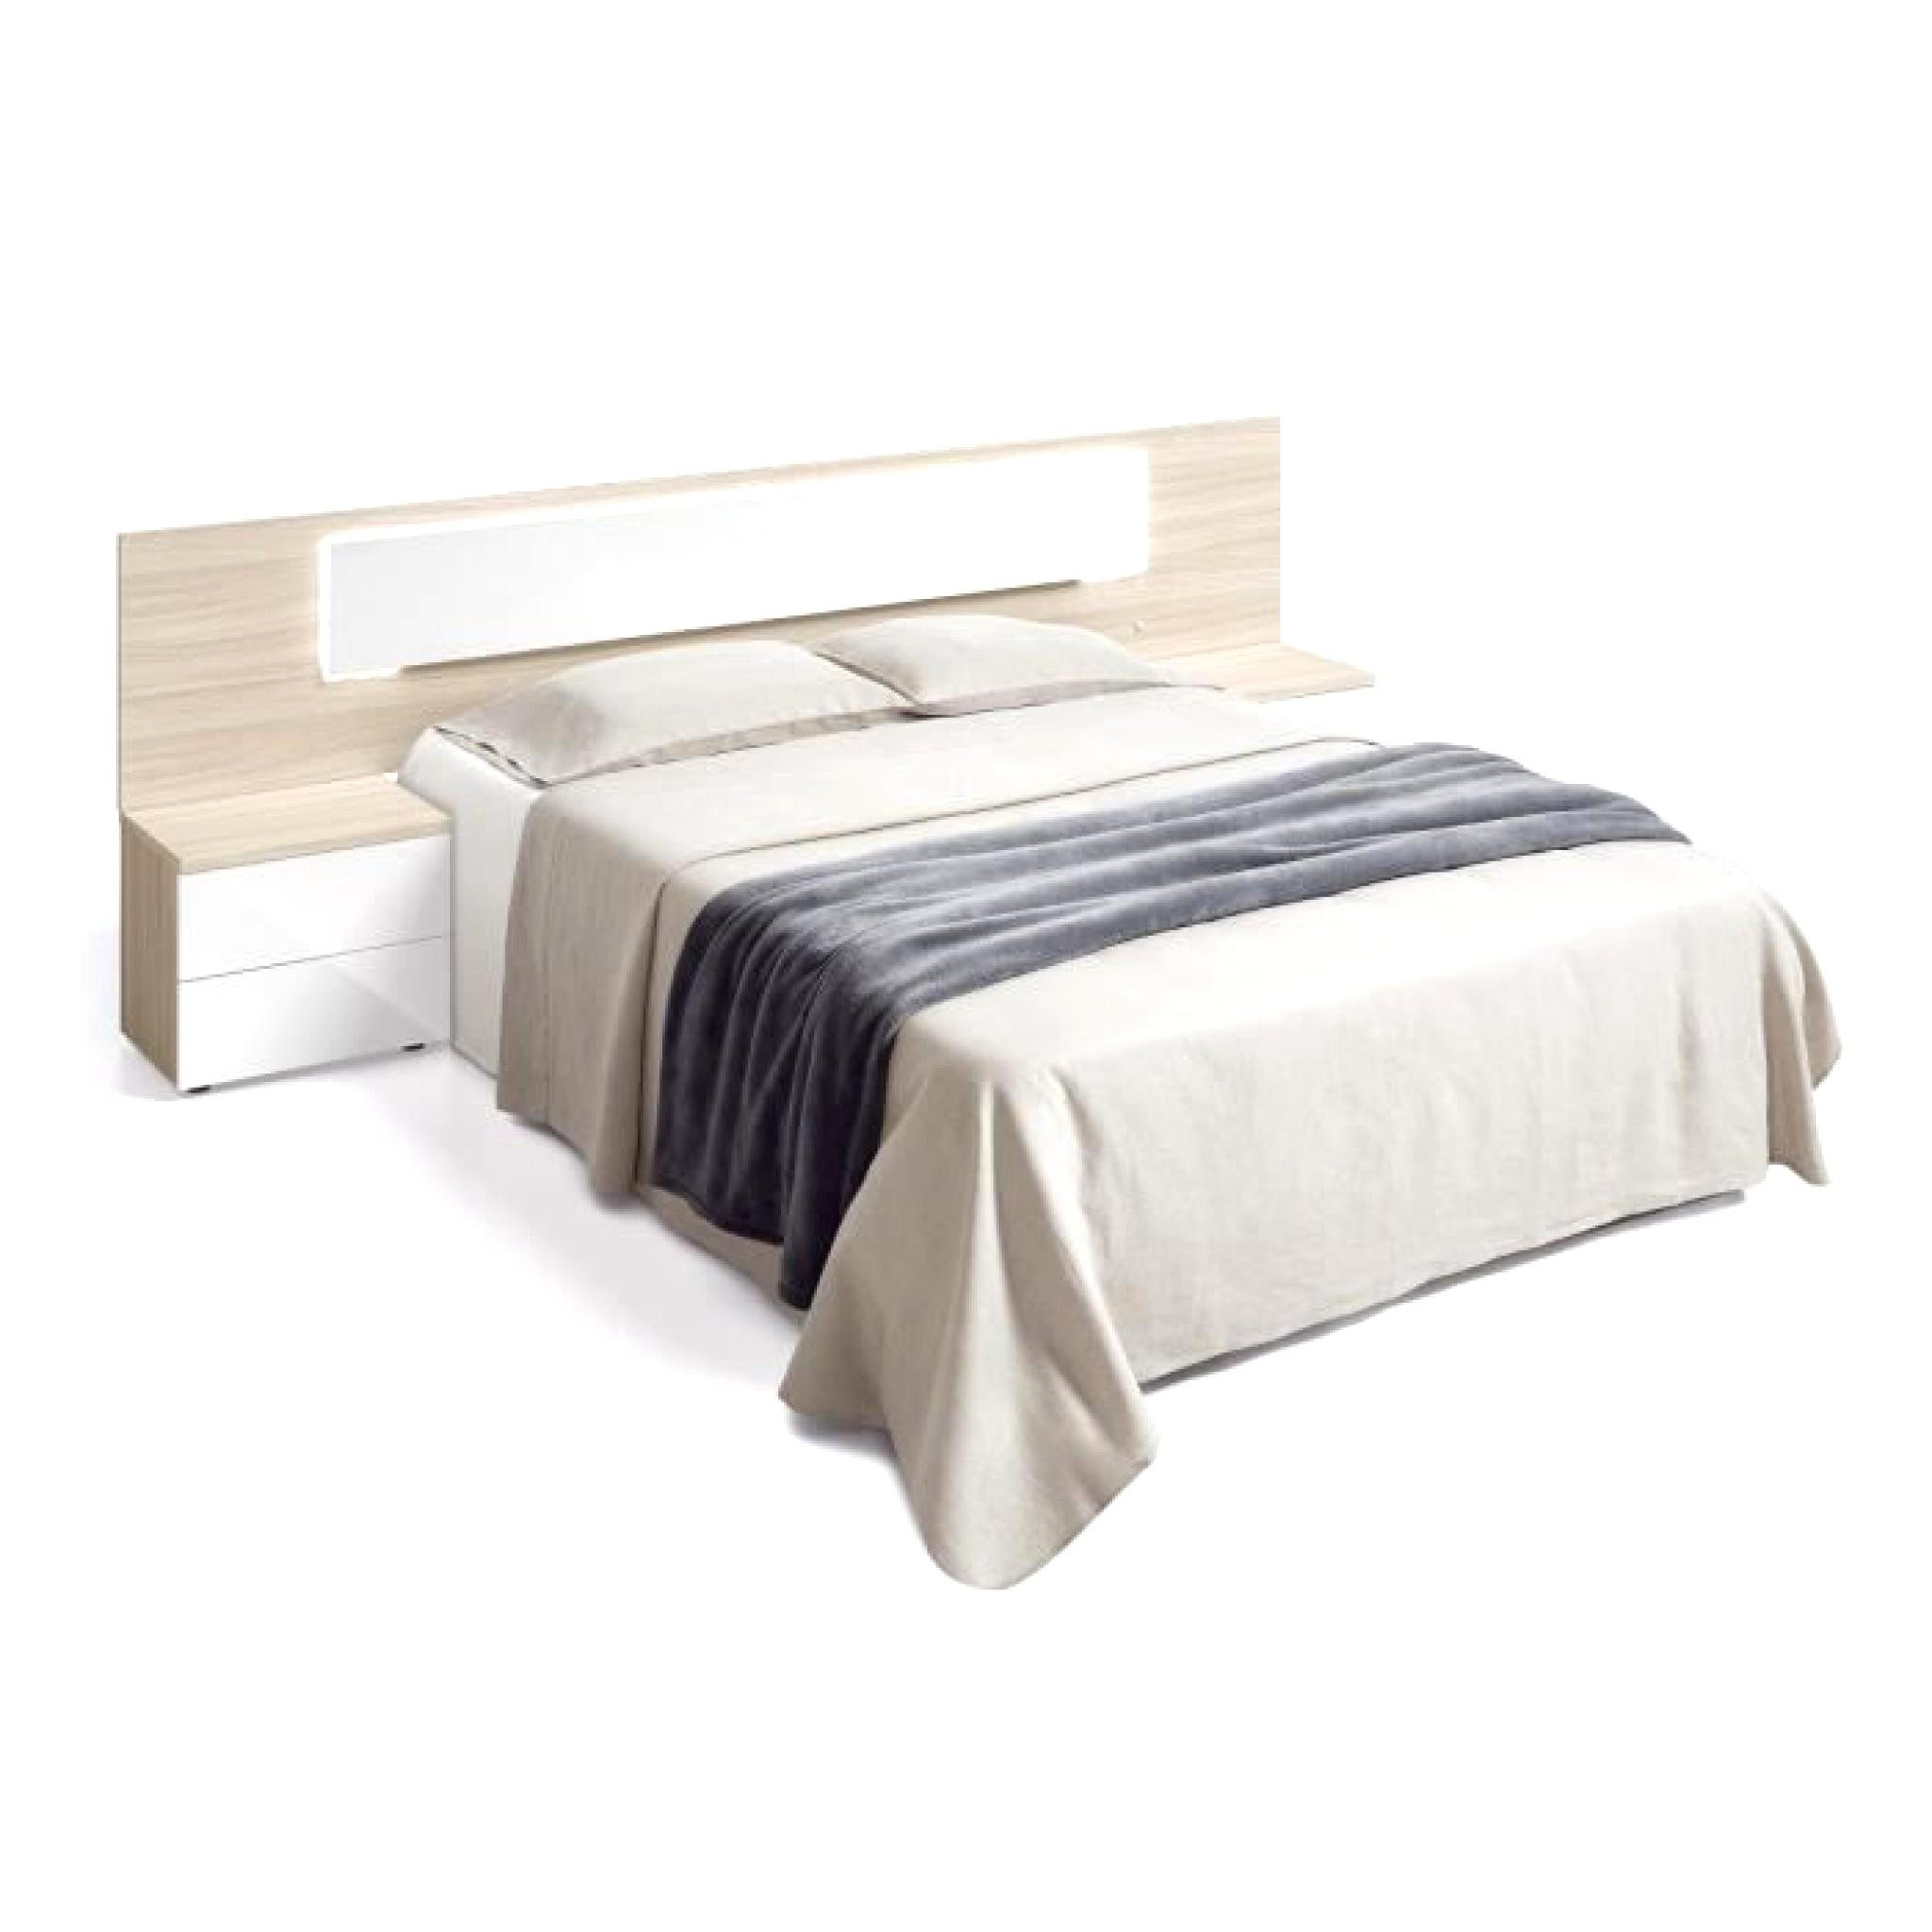 Lit Simple Avec Rangement Génial Tete De Lit Pas Cher En Bois Beau S Tete De Lit Ikea 180